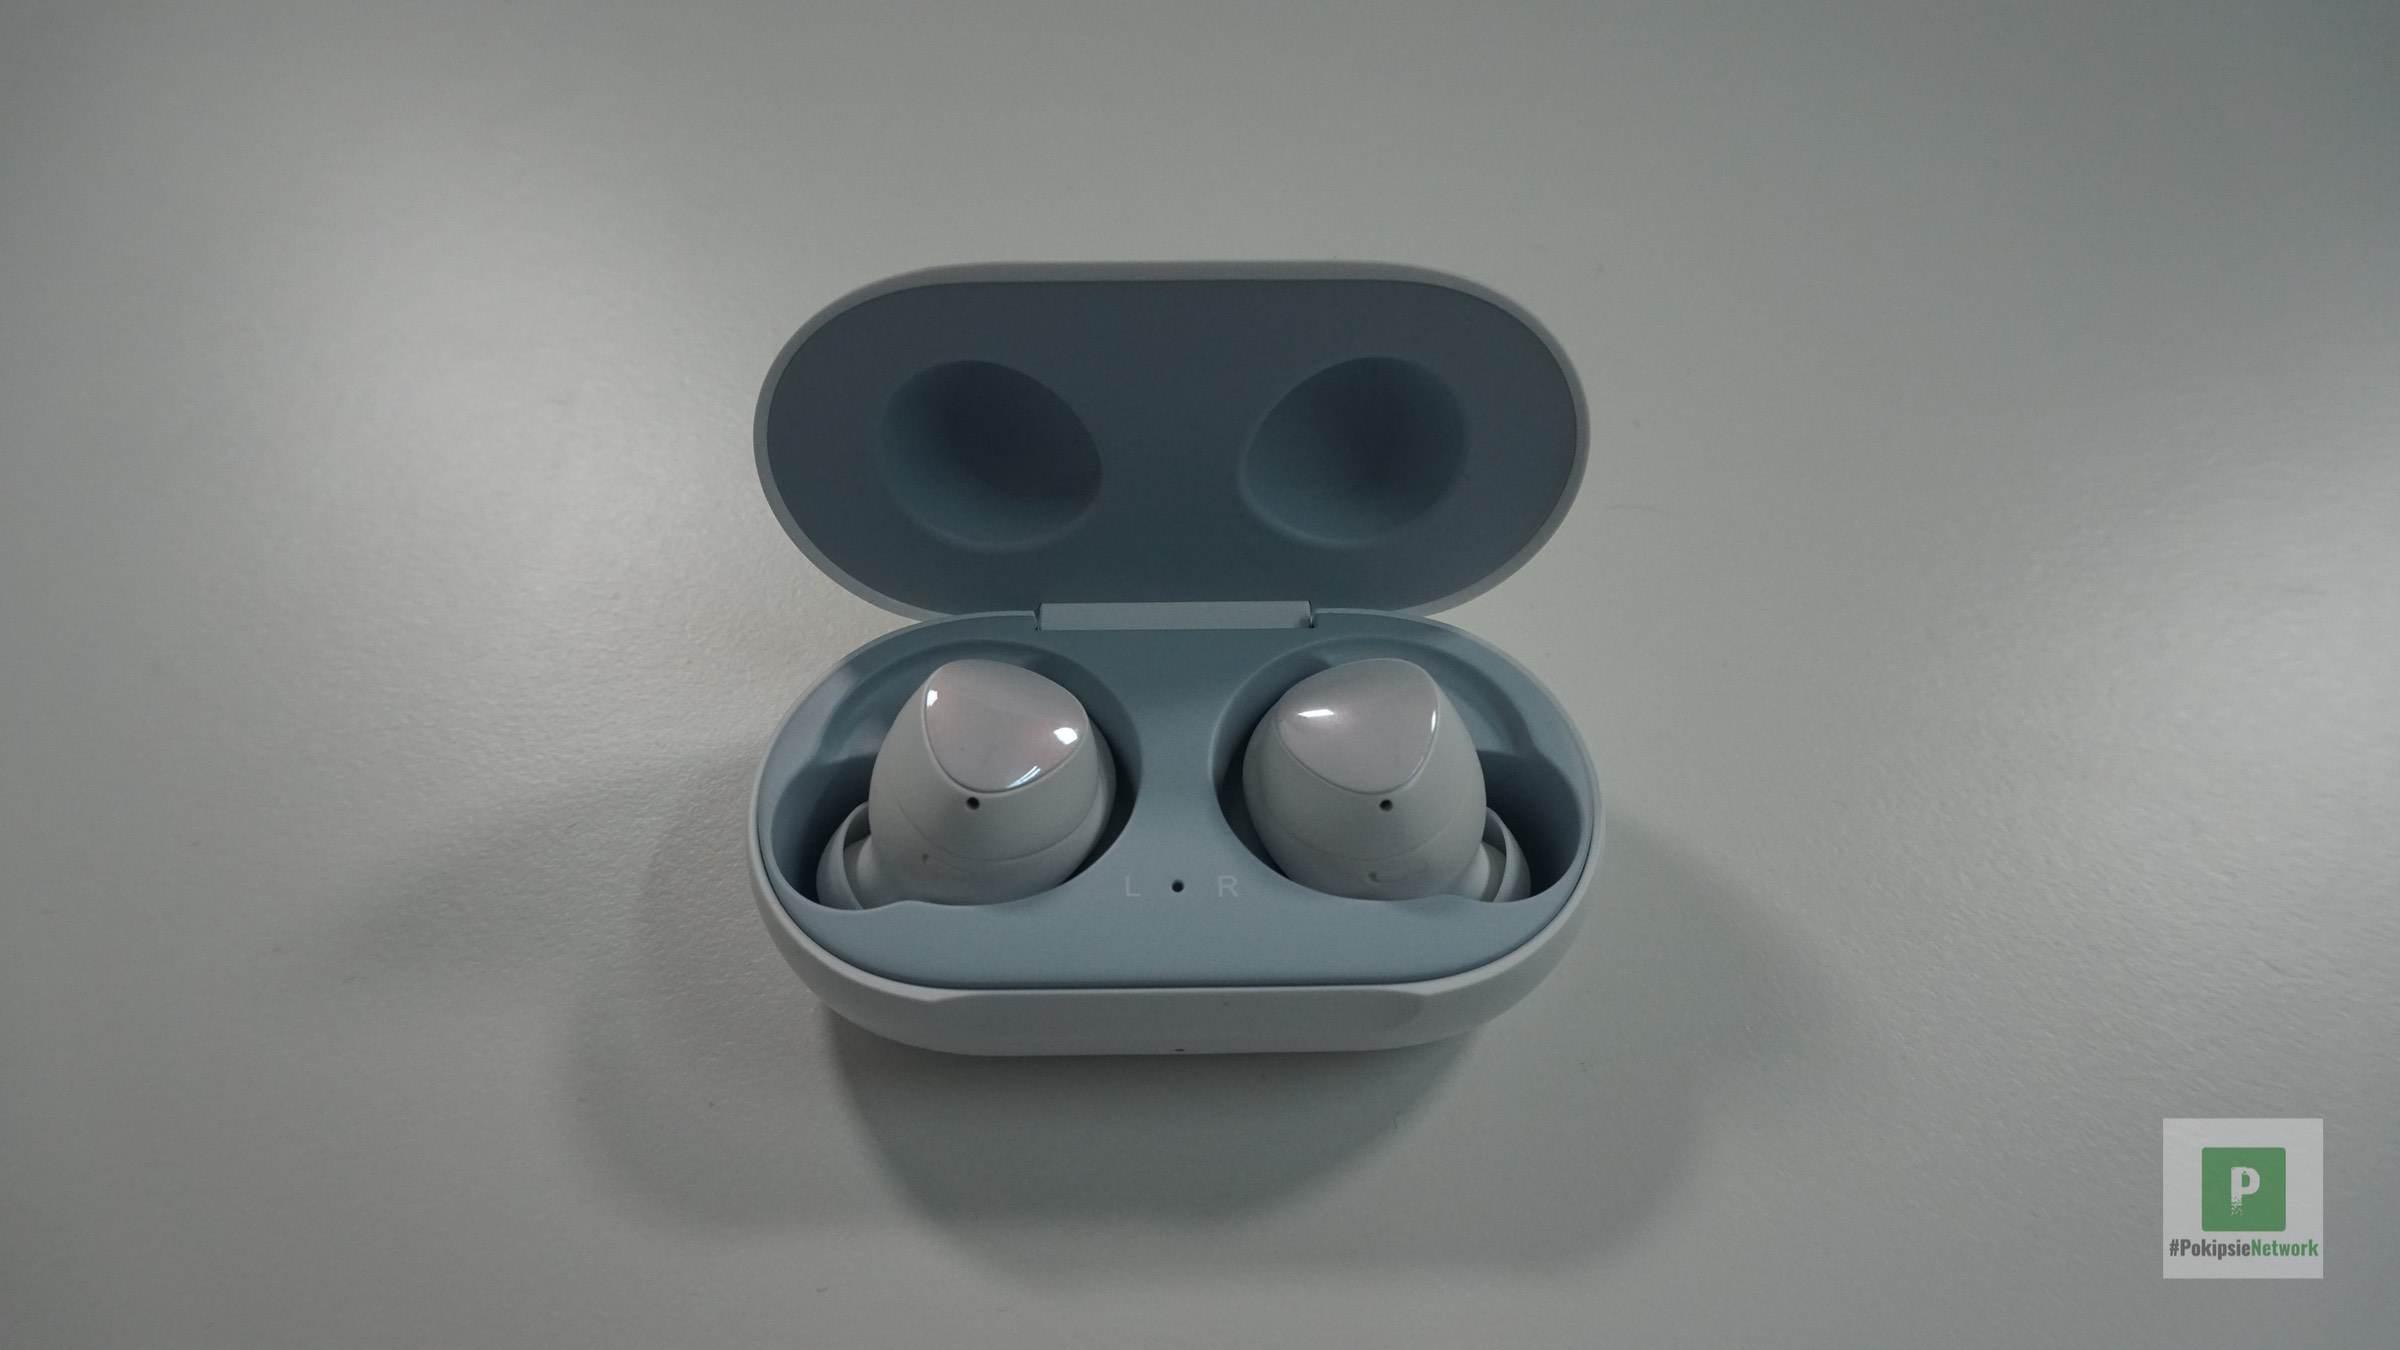 Direkter Blick auf die Kopfhörer